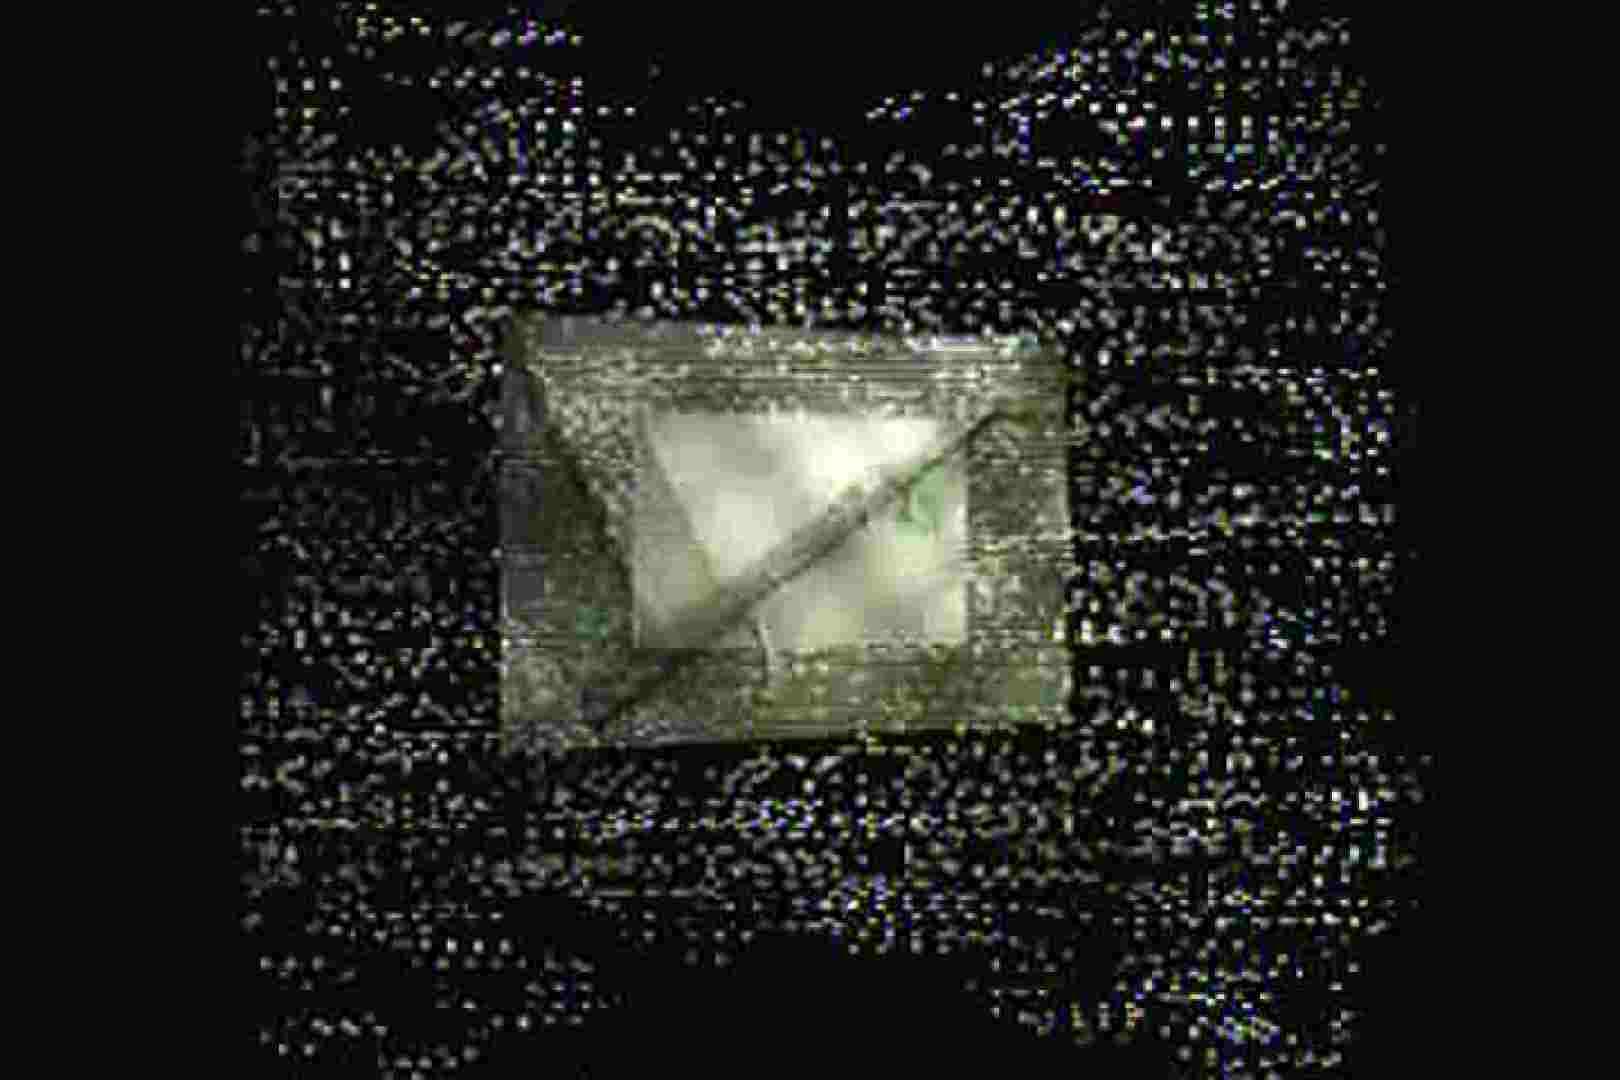 車内洗面所盗撮 電車ゆれればお尻もゆれる TK-98 盗撮師作品 オメコ動画キャプチャ 101pic 87